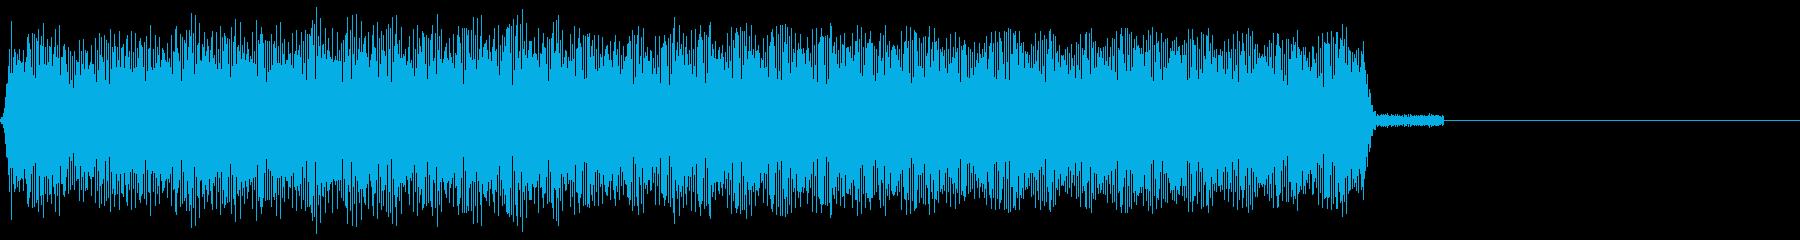 トラックchevホーンhonkソロmedの再生済みの波形